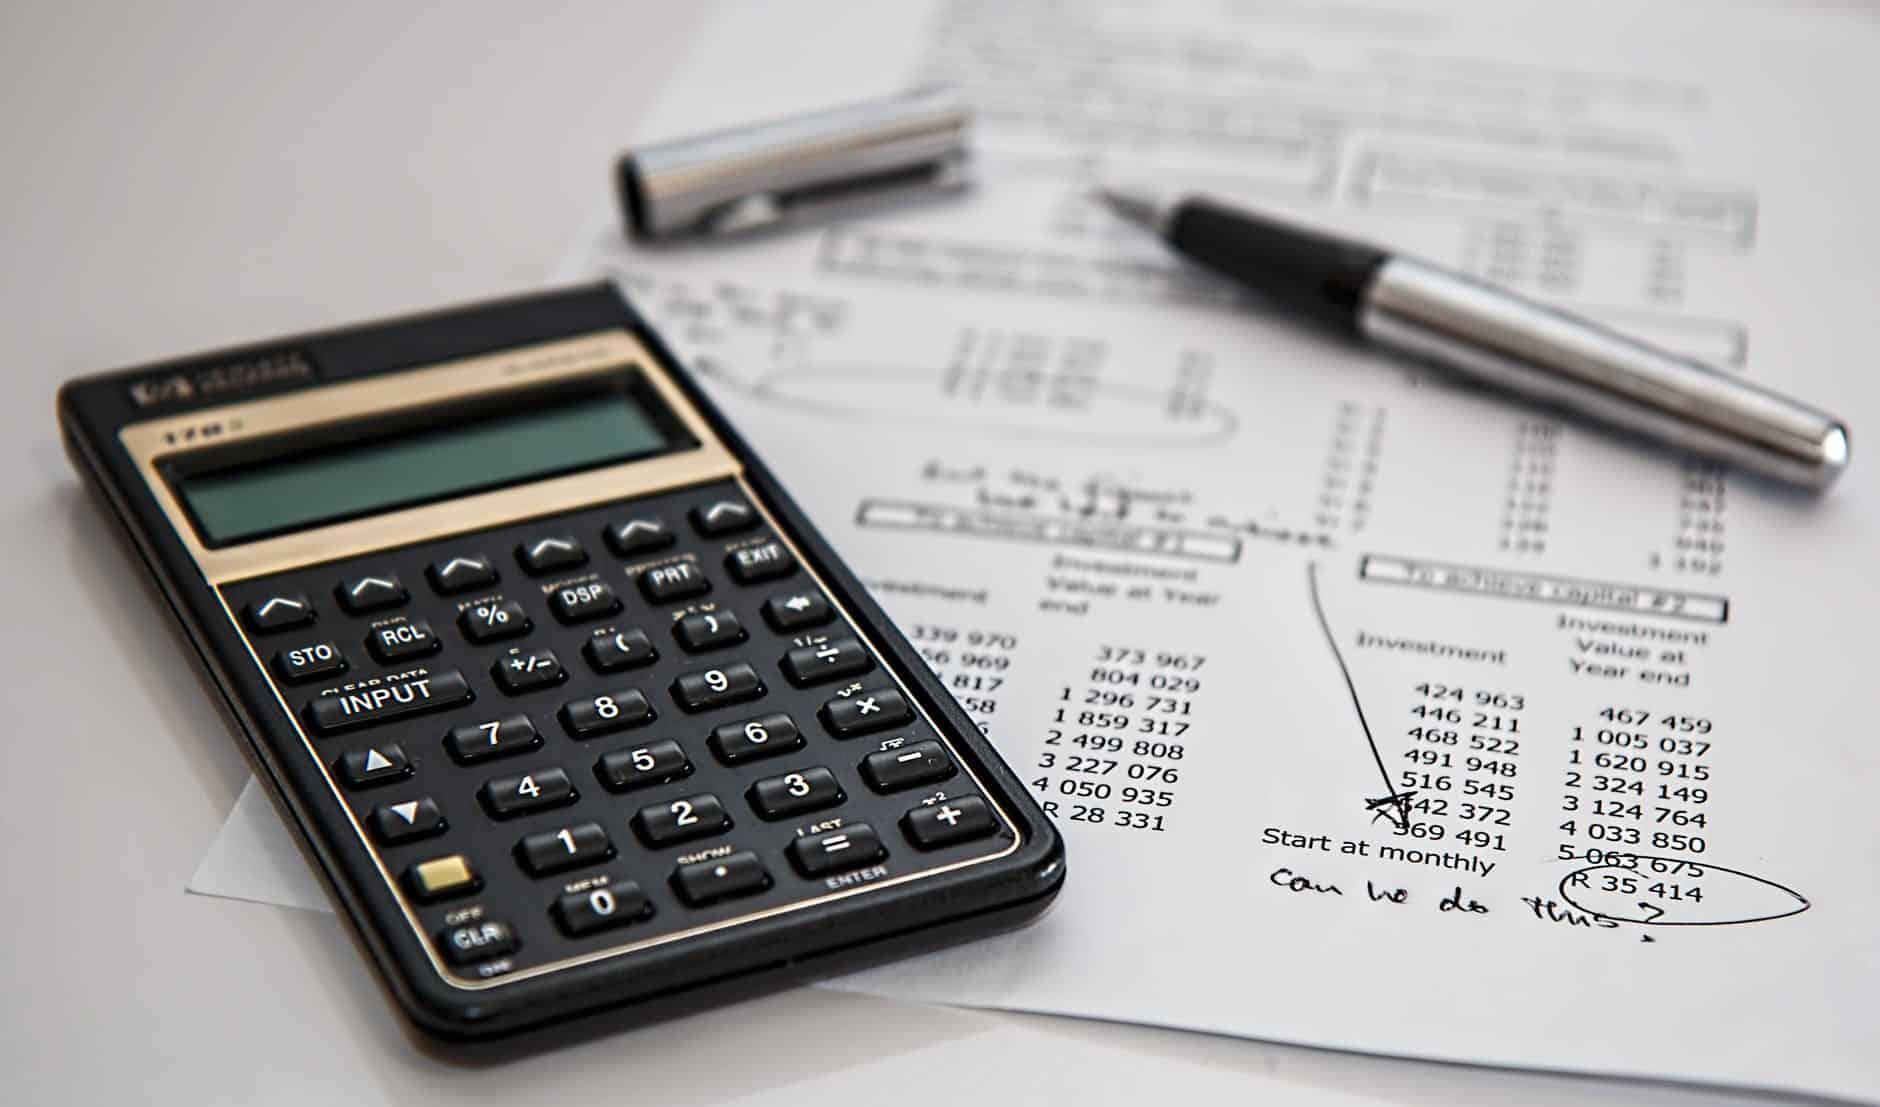 Kredyt konsolidacyjny — jakie dokumenty są wymagane? 1